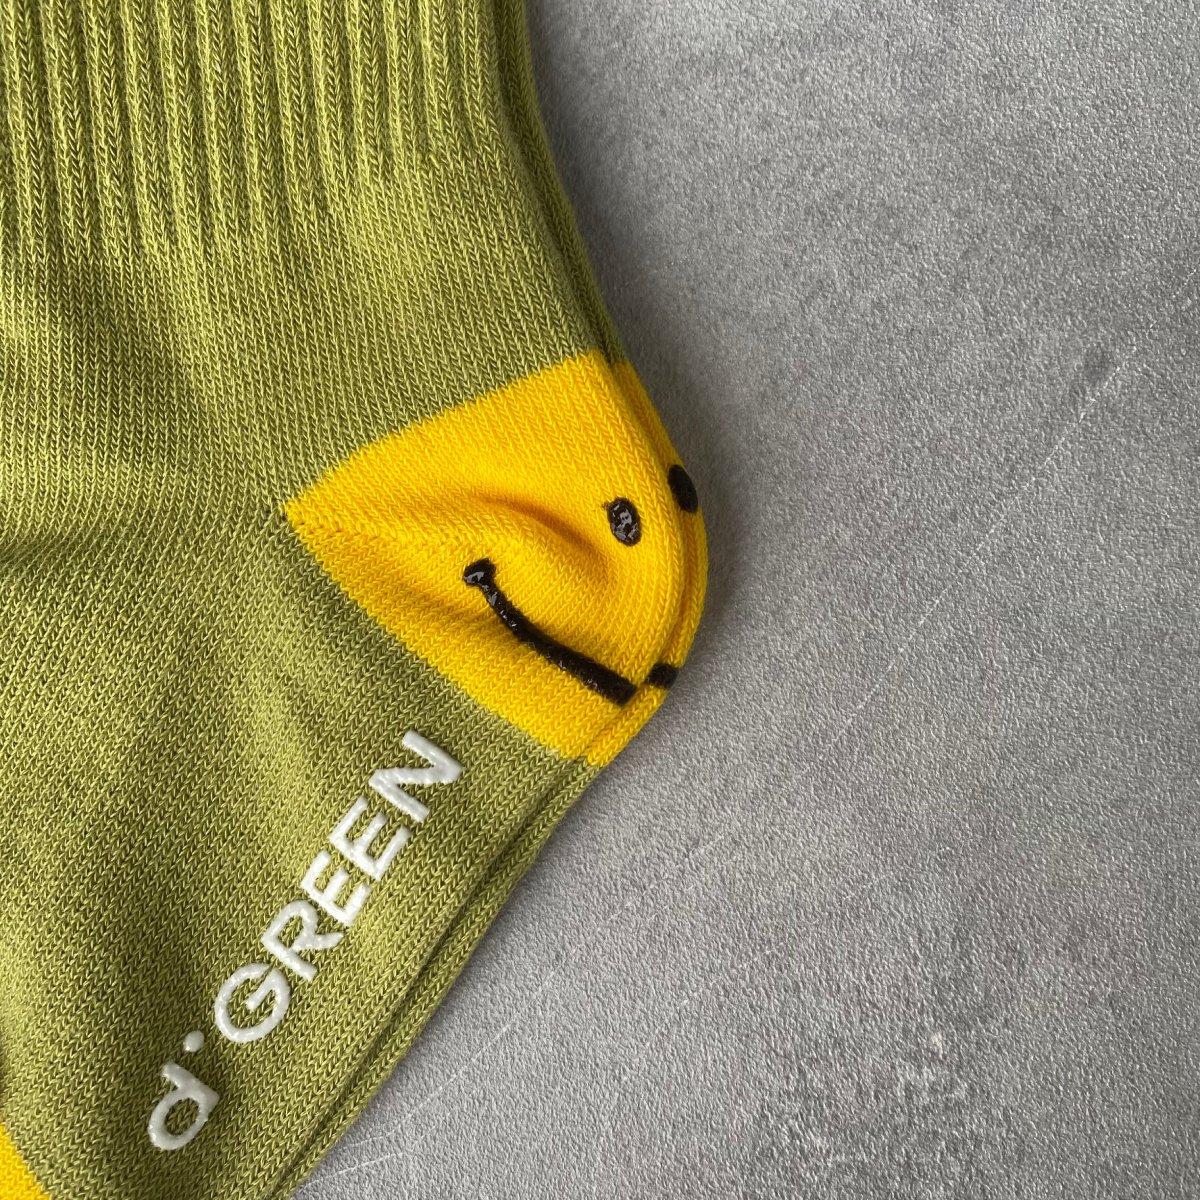 【BABY】Smile Socks 詳細画像17